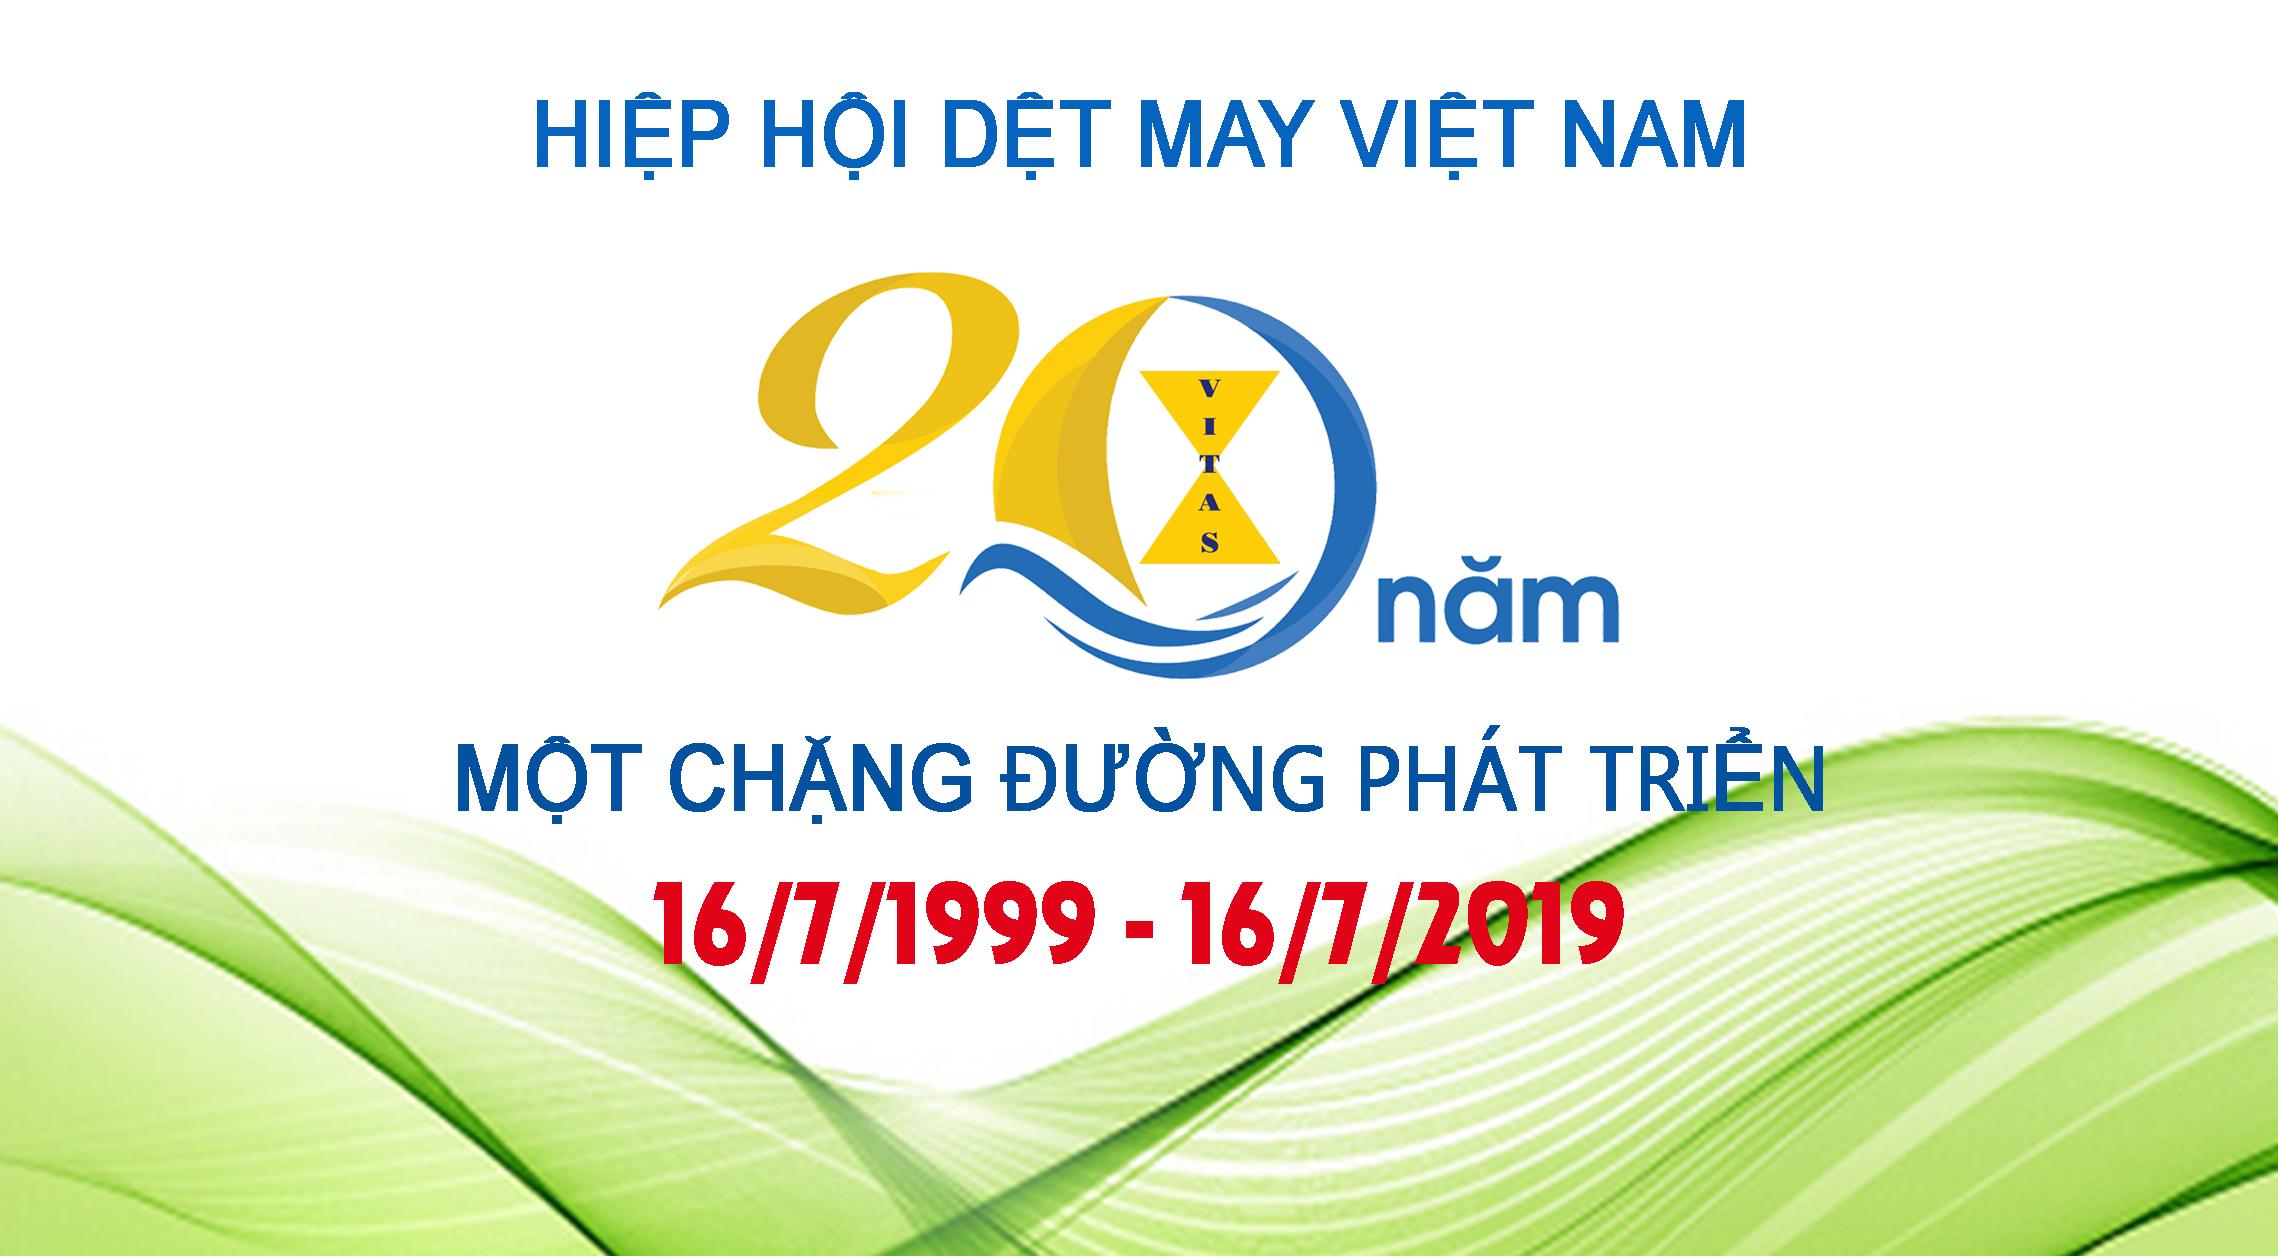 Chặng đường 20 năm phát triển của Hiệp hội Dệt May Việt Nam – VITAS (1999 - 2019)